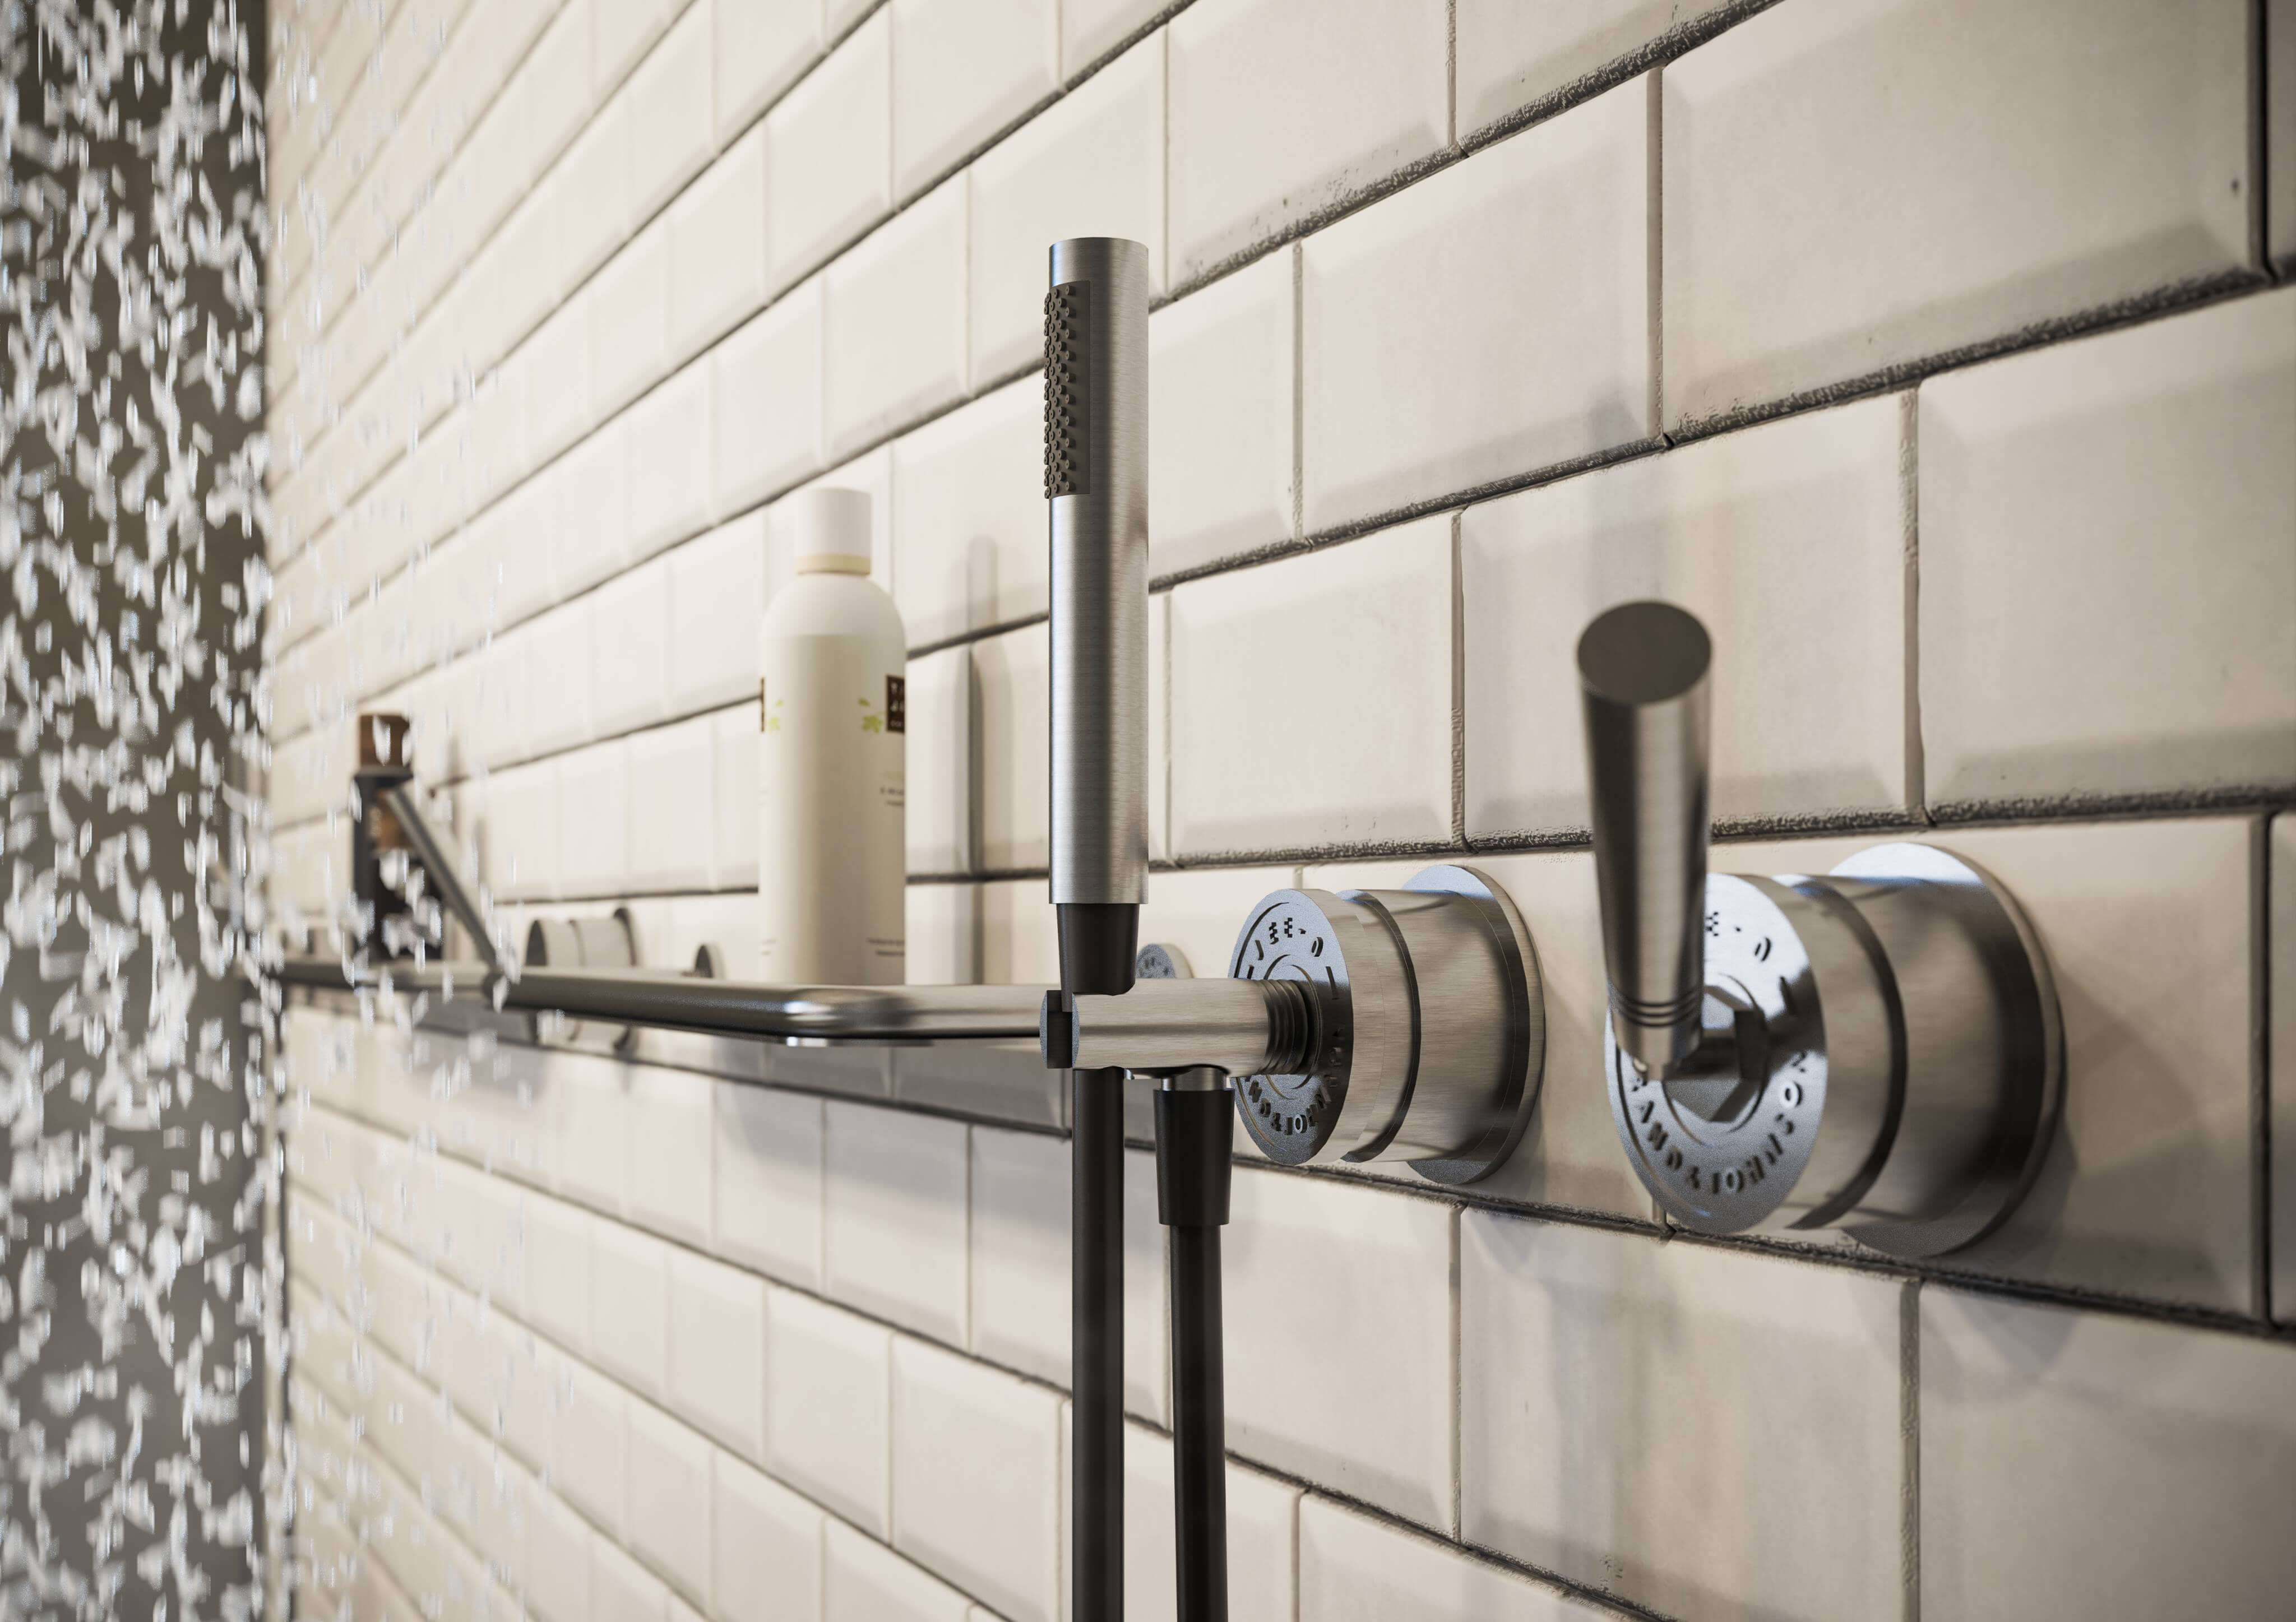 JEE-O Lifestylelabel fuer Duschen Badewannen und Armaturen Beratung Verkauf Planung Badezimmer Spa Design Bad Honnef Torsten Mueller (7)